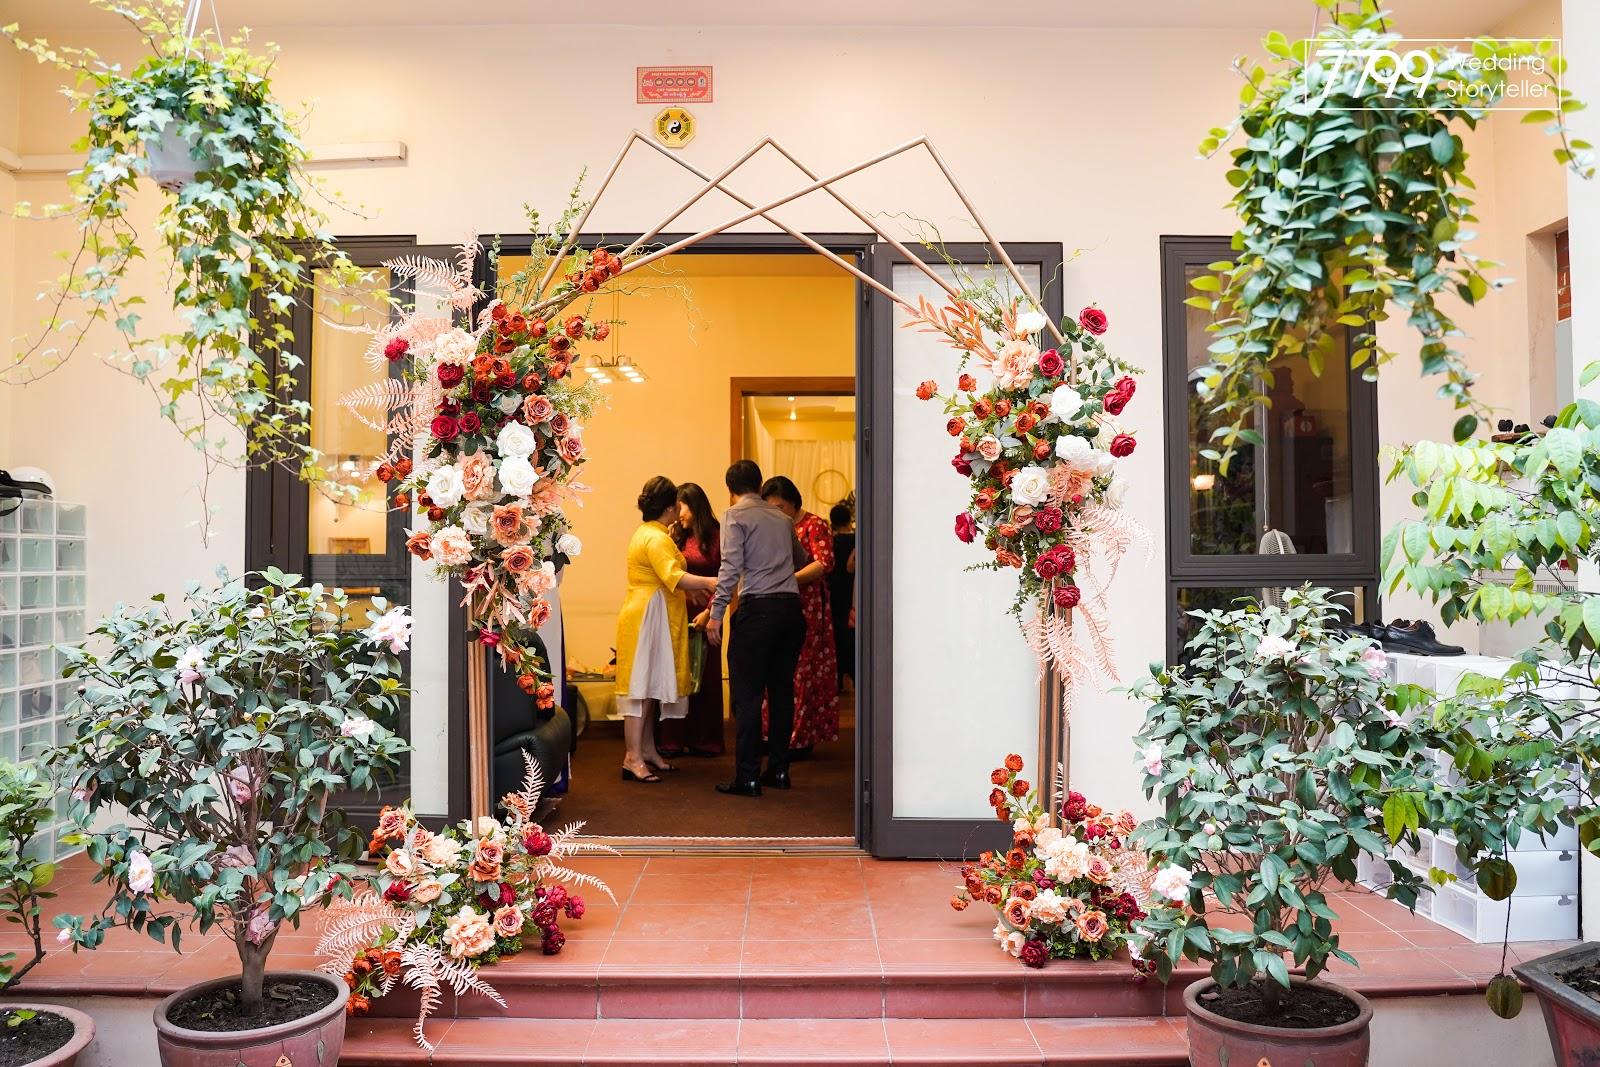 Mẫu cổng hoa trang trí tiệc cưới đẹp nhất